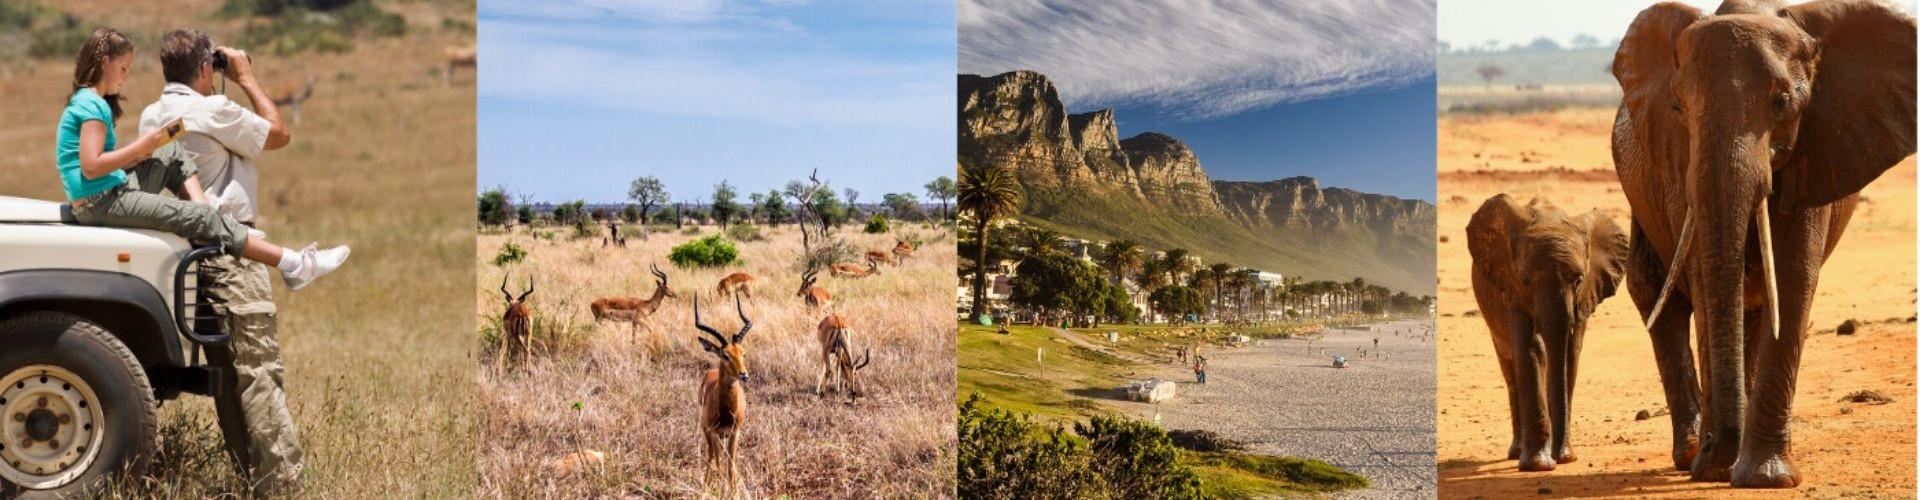 Familiereis Zuid-Afrika met kids